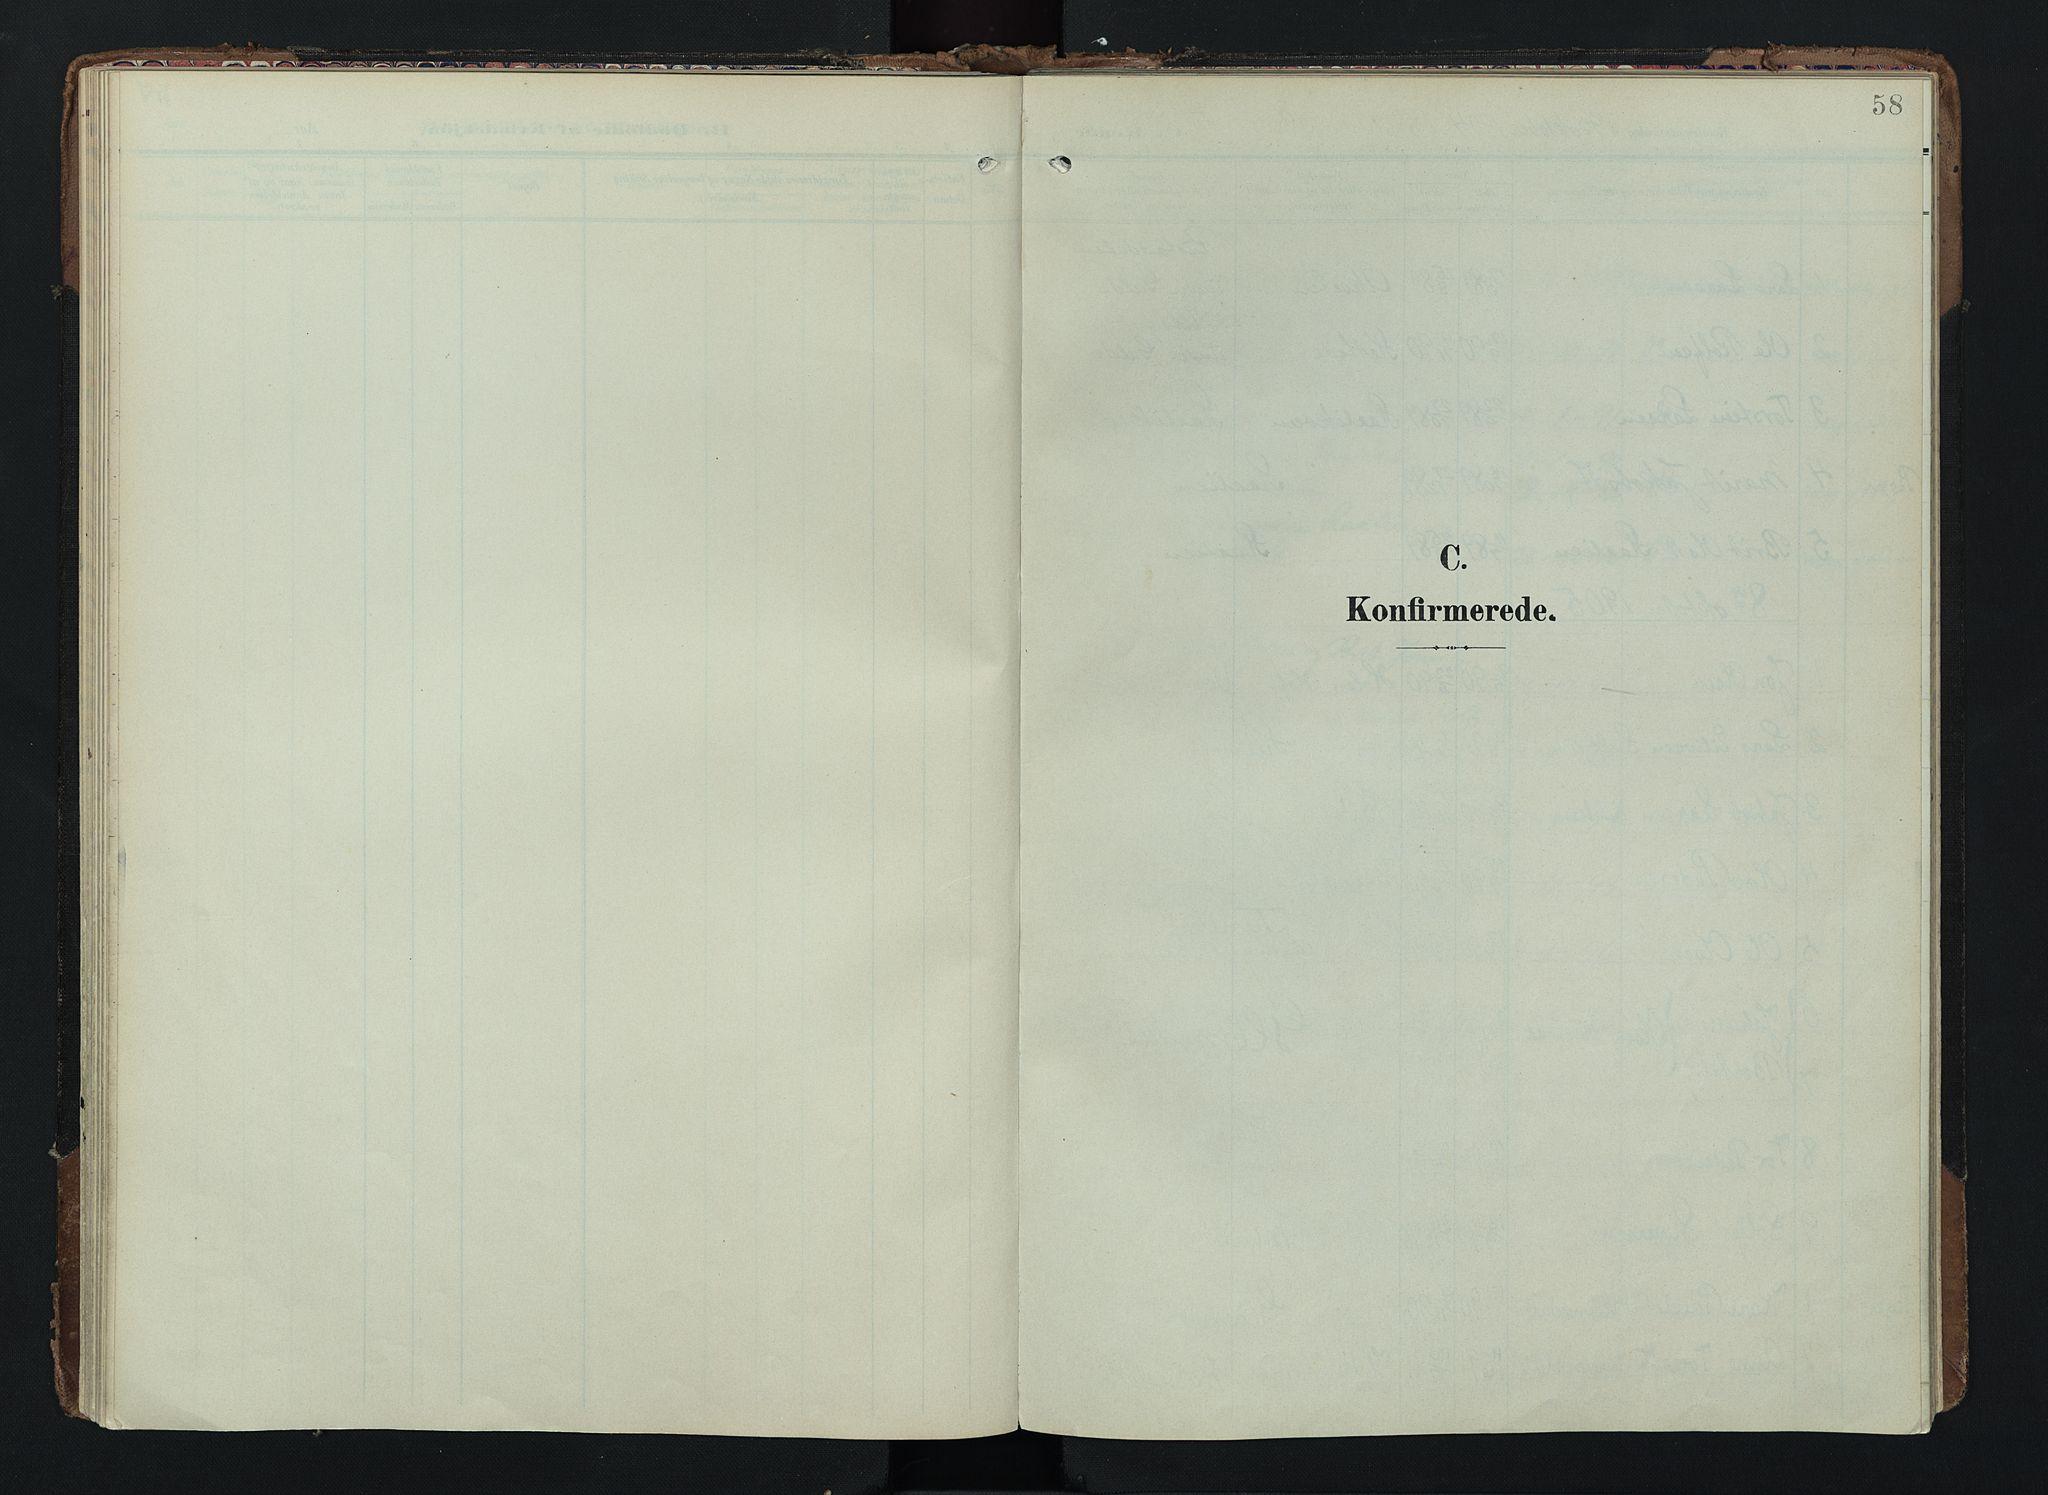 SAH, Lom prestekontor, K/L0012: Ministerialbok nr. 12, 1904-1928, s. 58